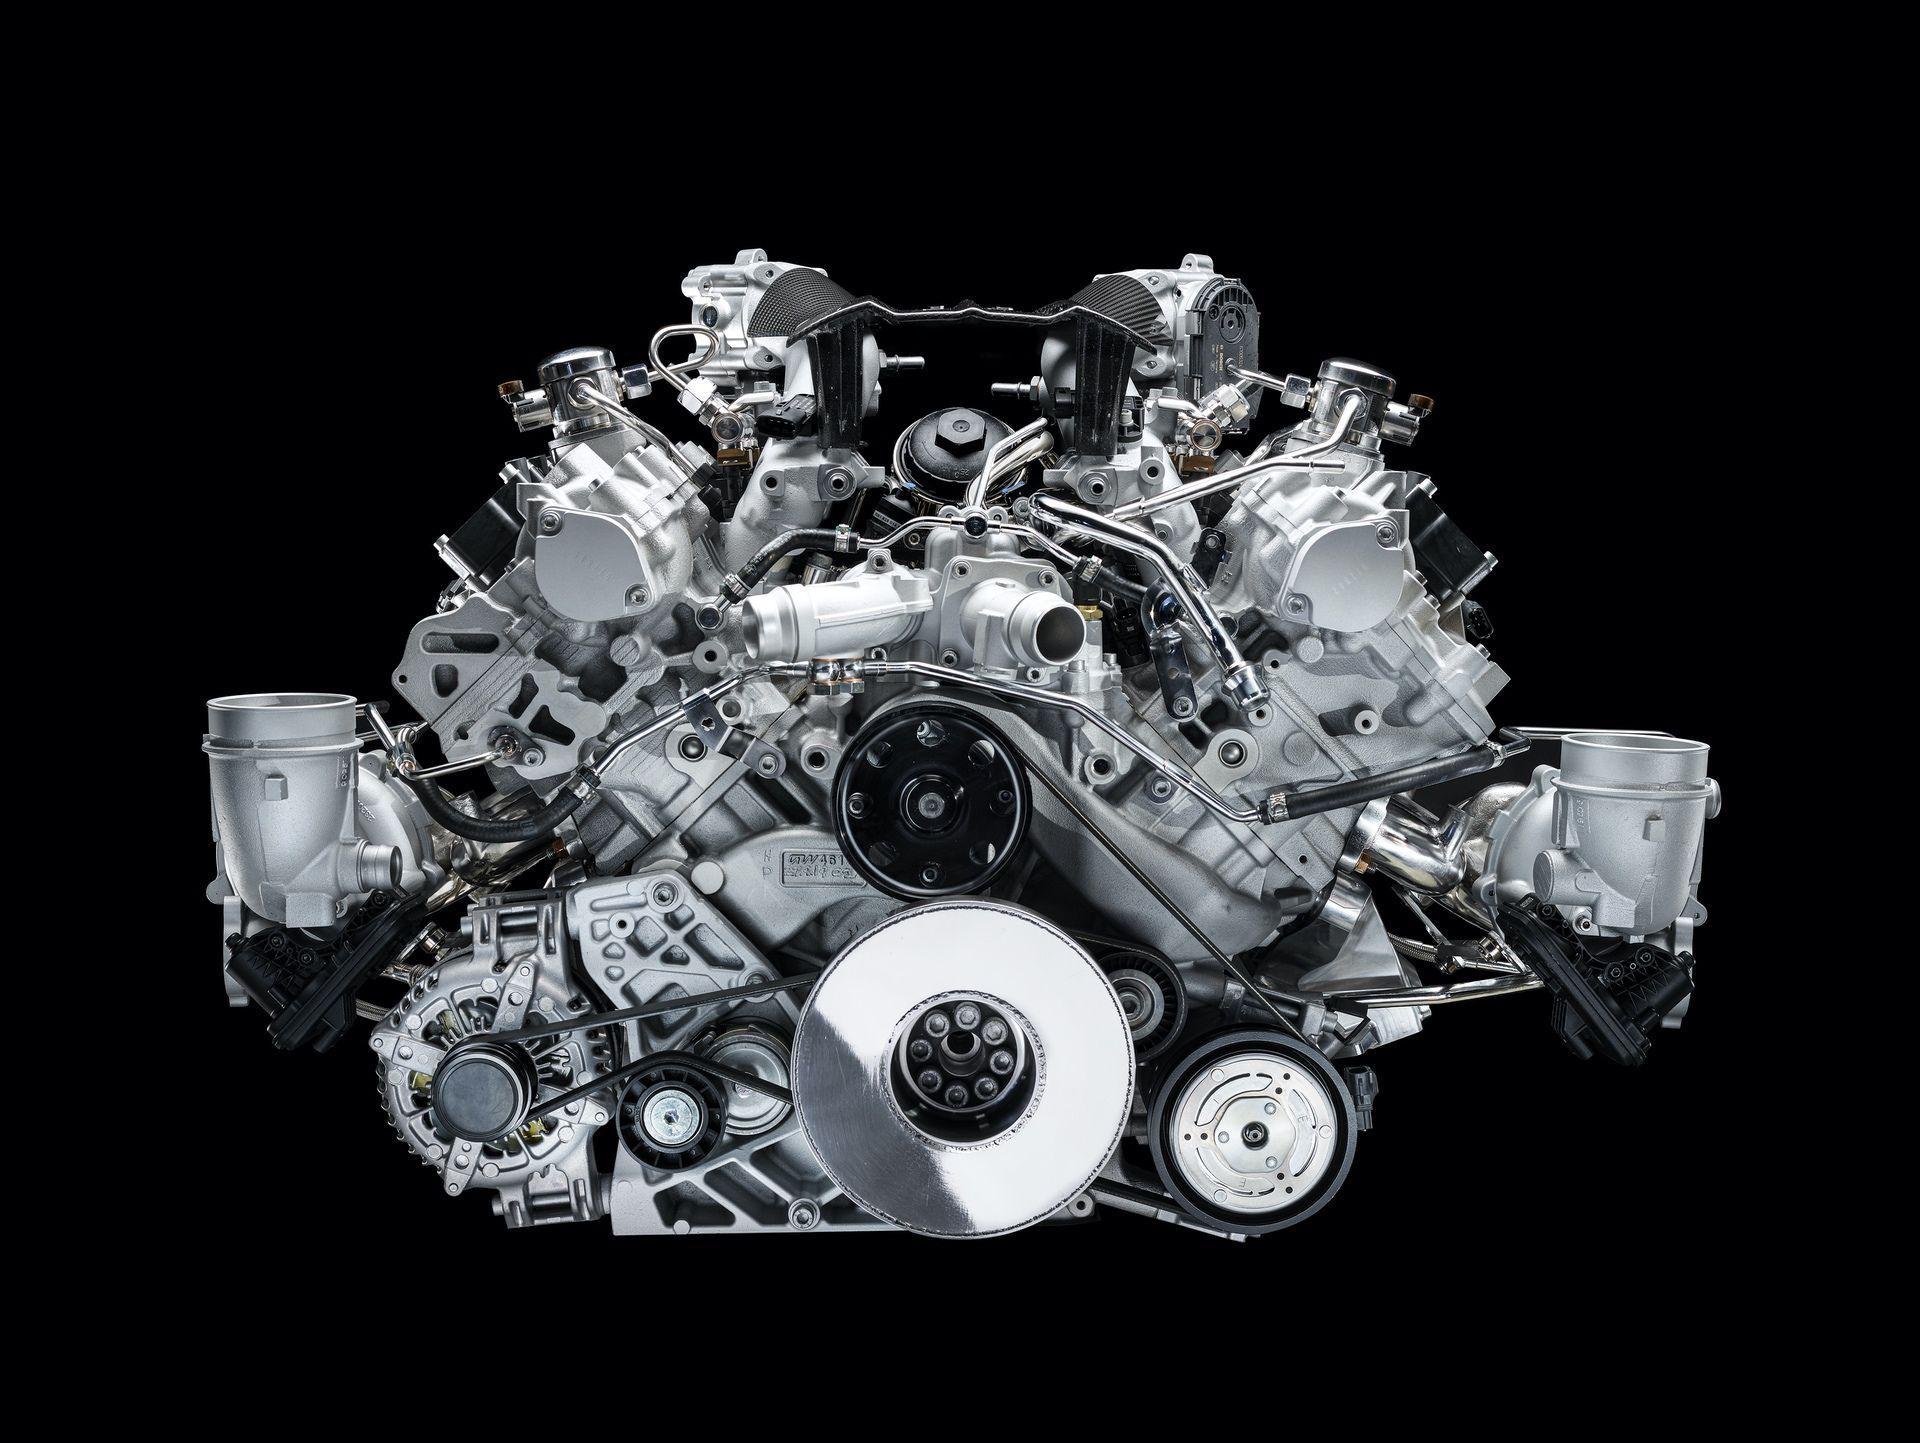 Maserati_Nettuno_engine_0004